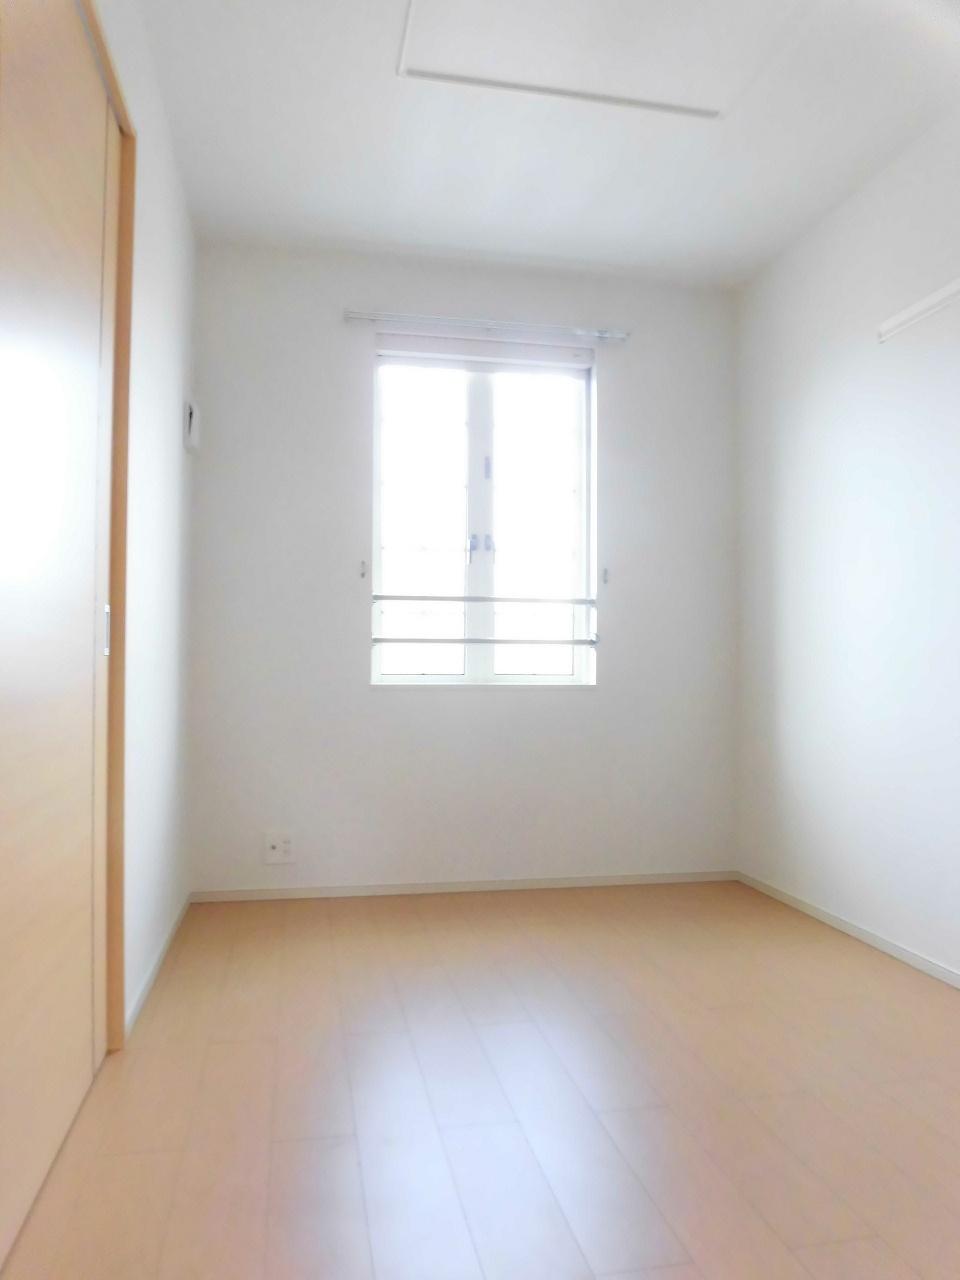 ビアンカ ローザ 赤坂 02040号室のその他